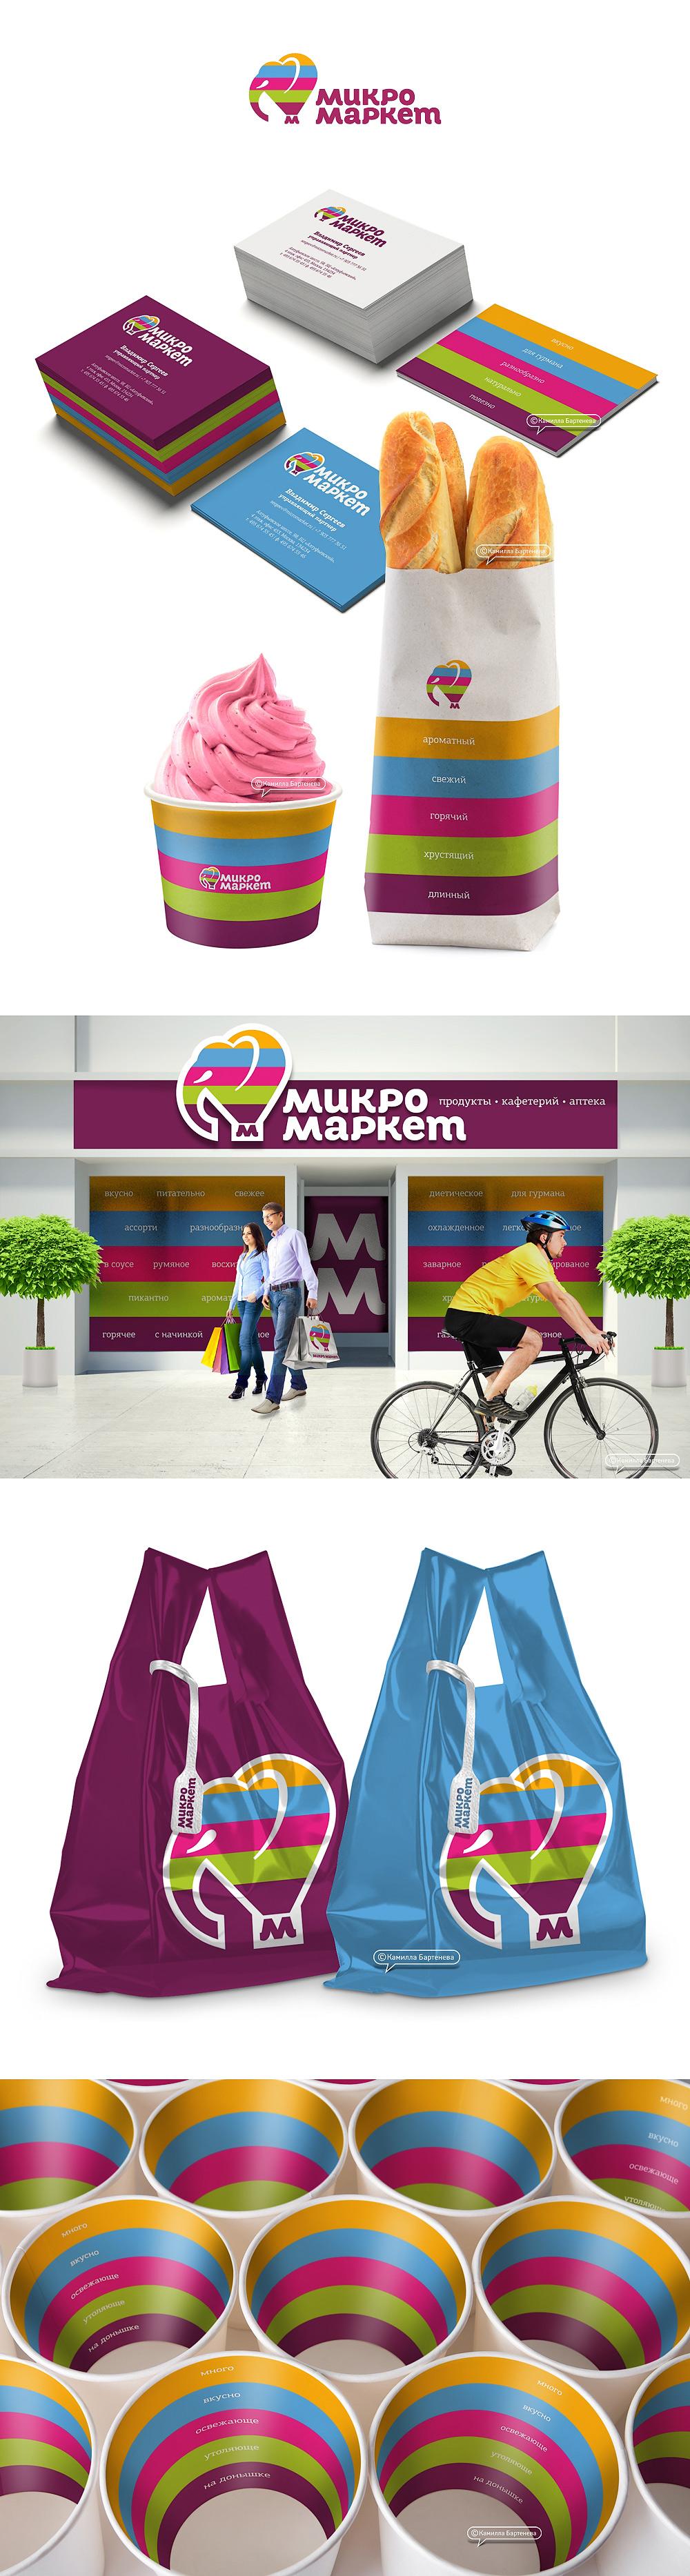 «Микромаркет»  сеть продуктовых магазинов